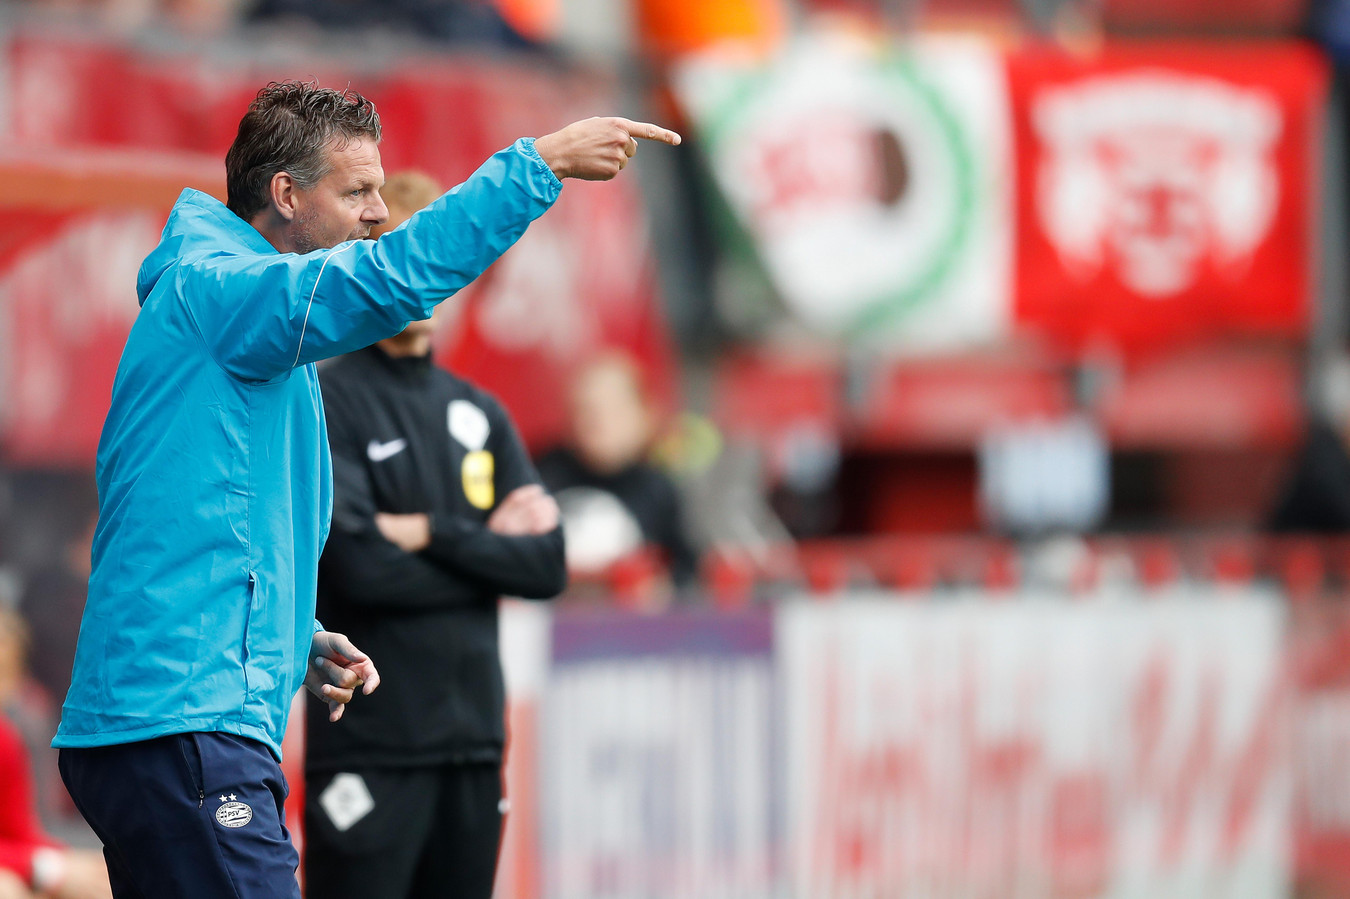 Peter Uneken is de nieuwe coach van Jong PSV.